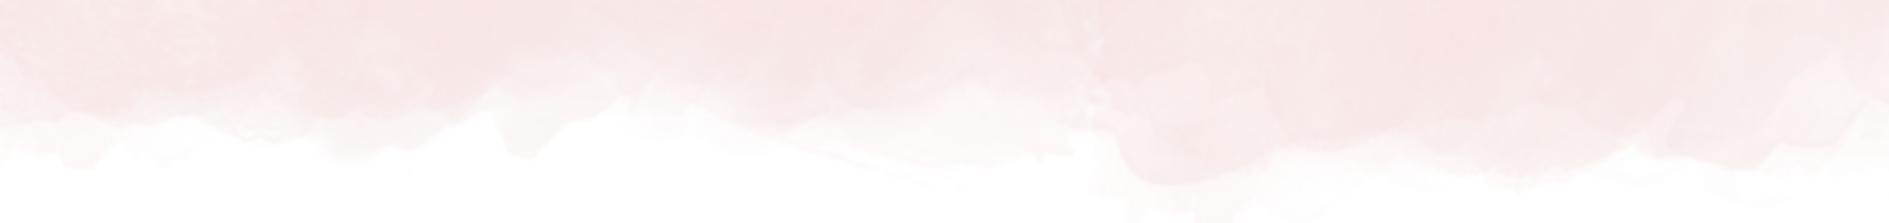 pinkgradienttopofpage.png